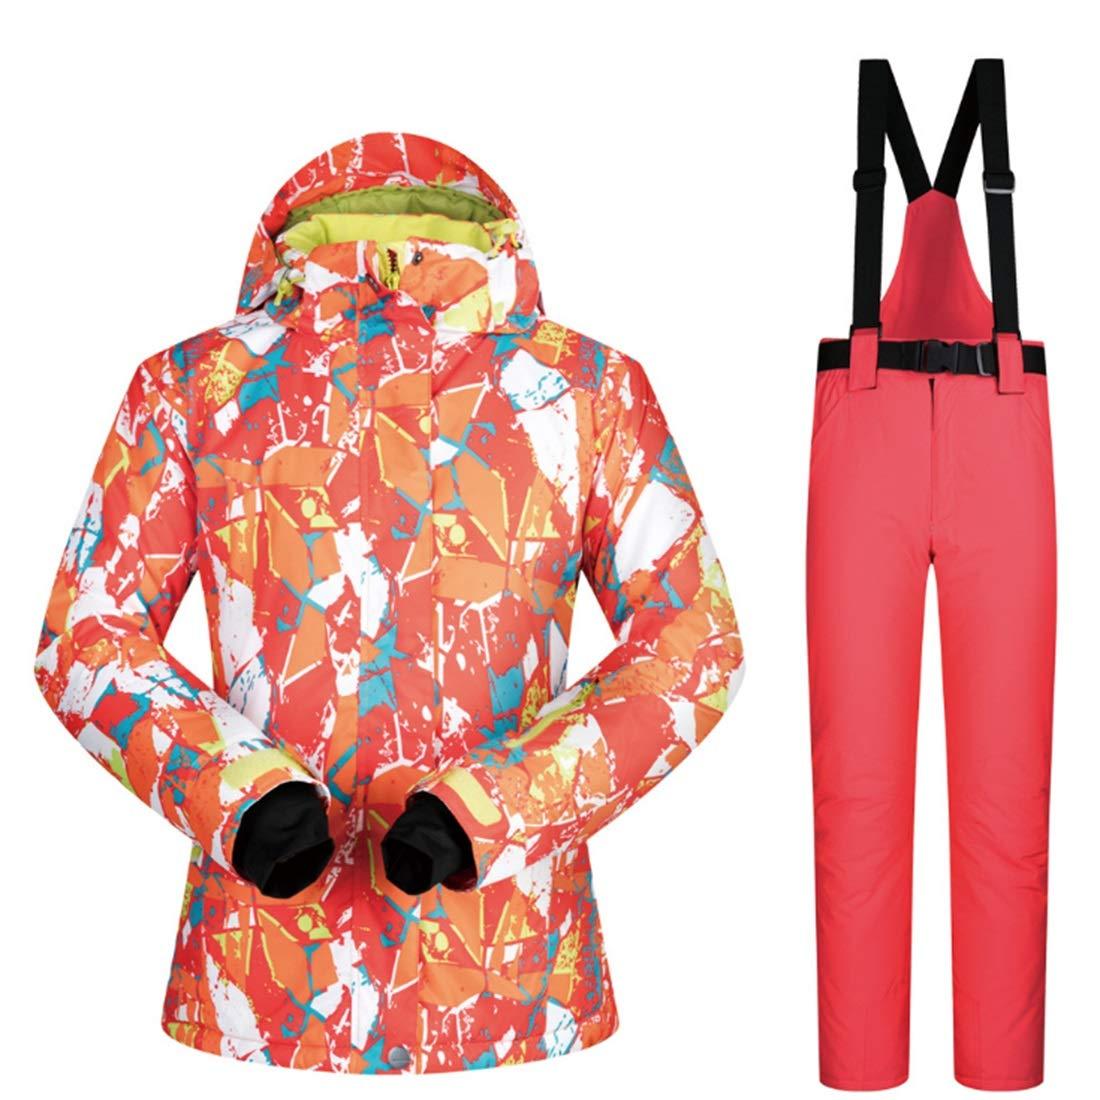 KAKACITY 女性のスノーシューズウィンタースキージャケットとズボンはゼロコートの下に設定 (色 : 09, サイズ : XL)  X-Large